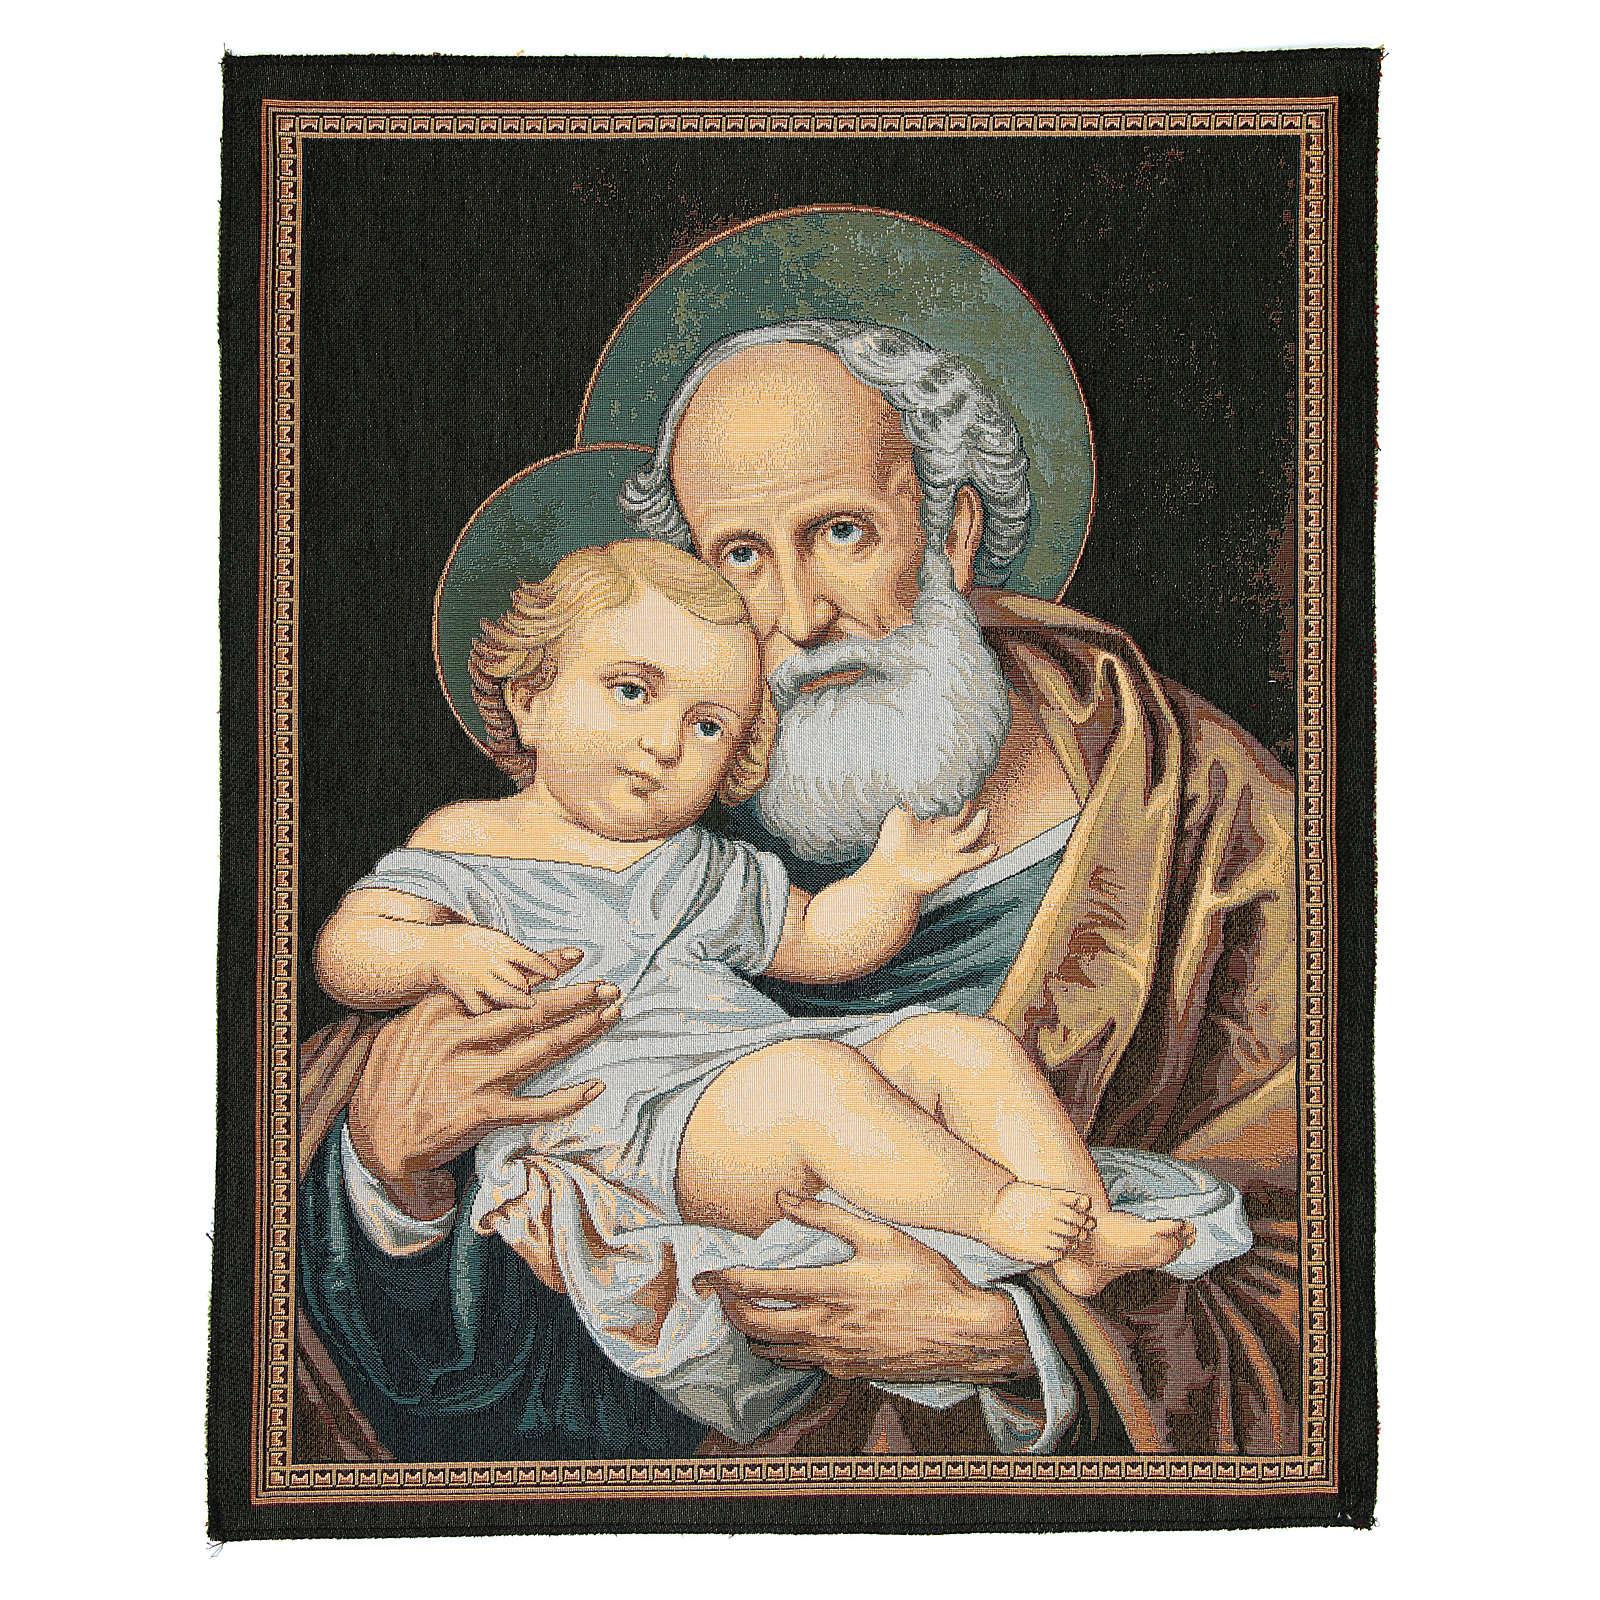 Wandteppich Heiliger Josef 65x50cm 3